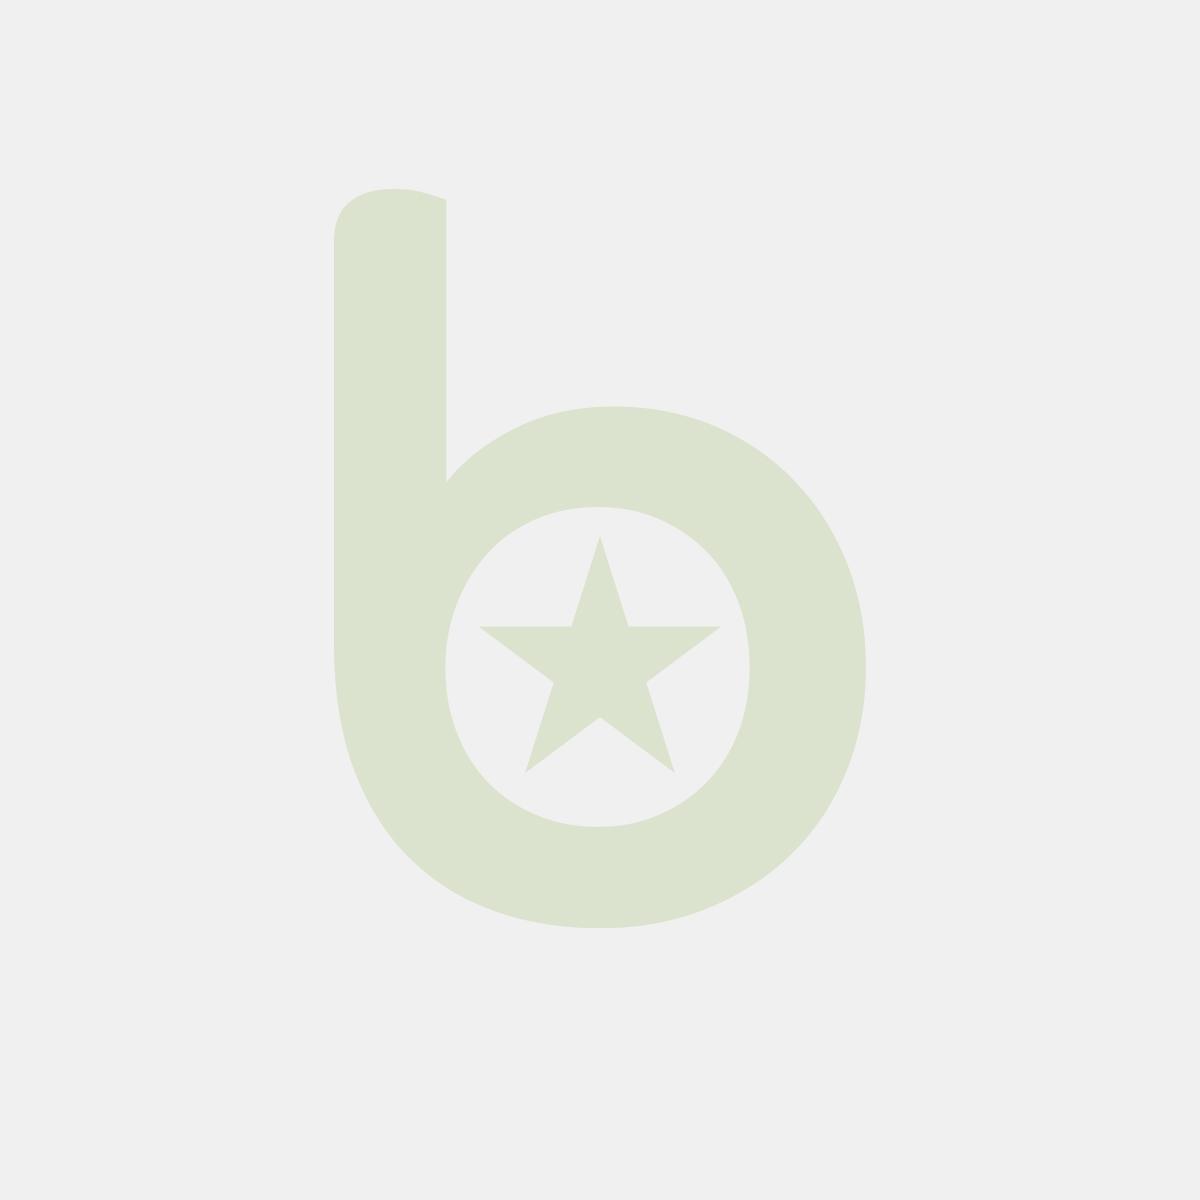 Trąbka zielona 36,5x5,5cm